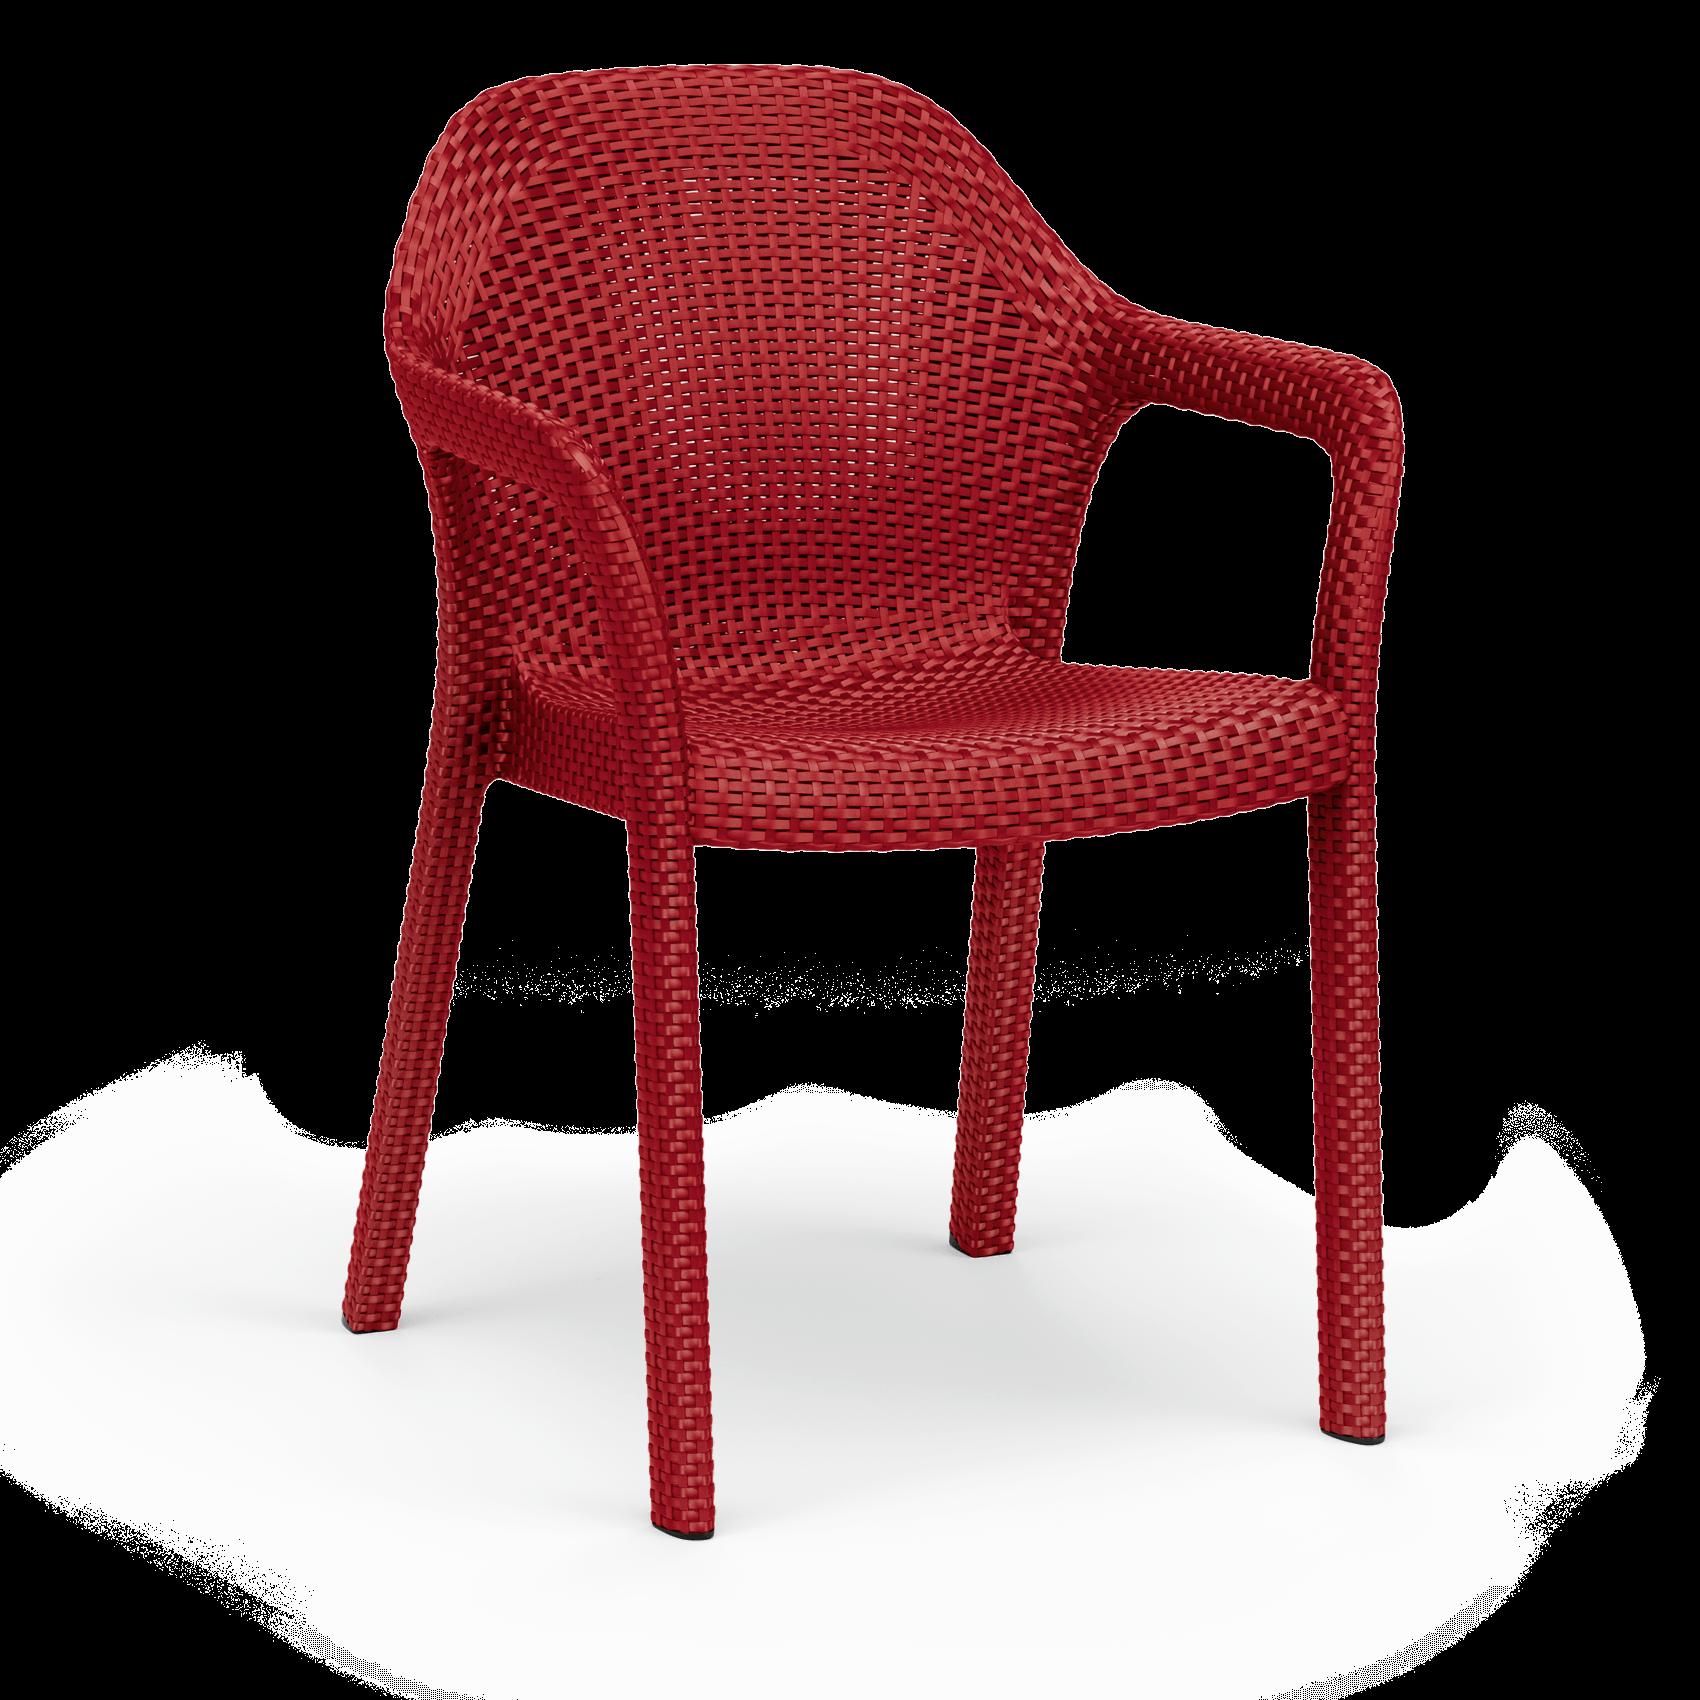 Stapelstuhl scarlet rot